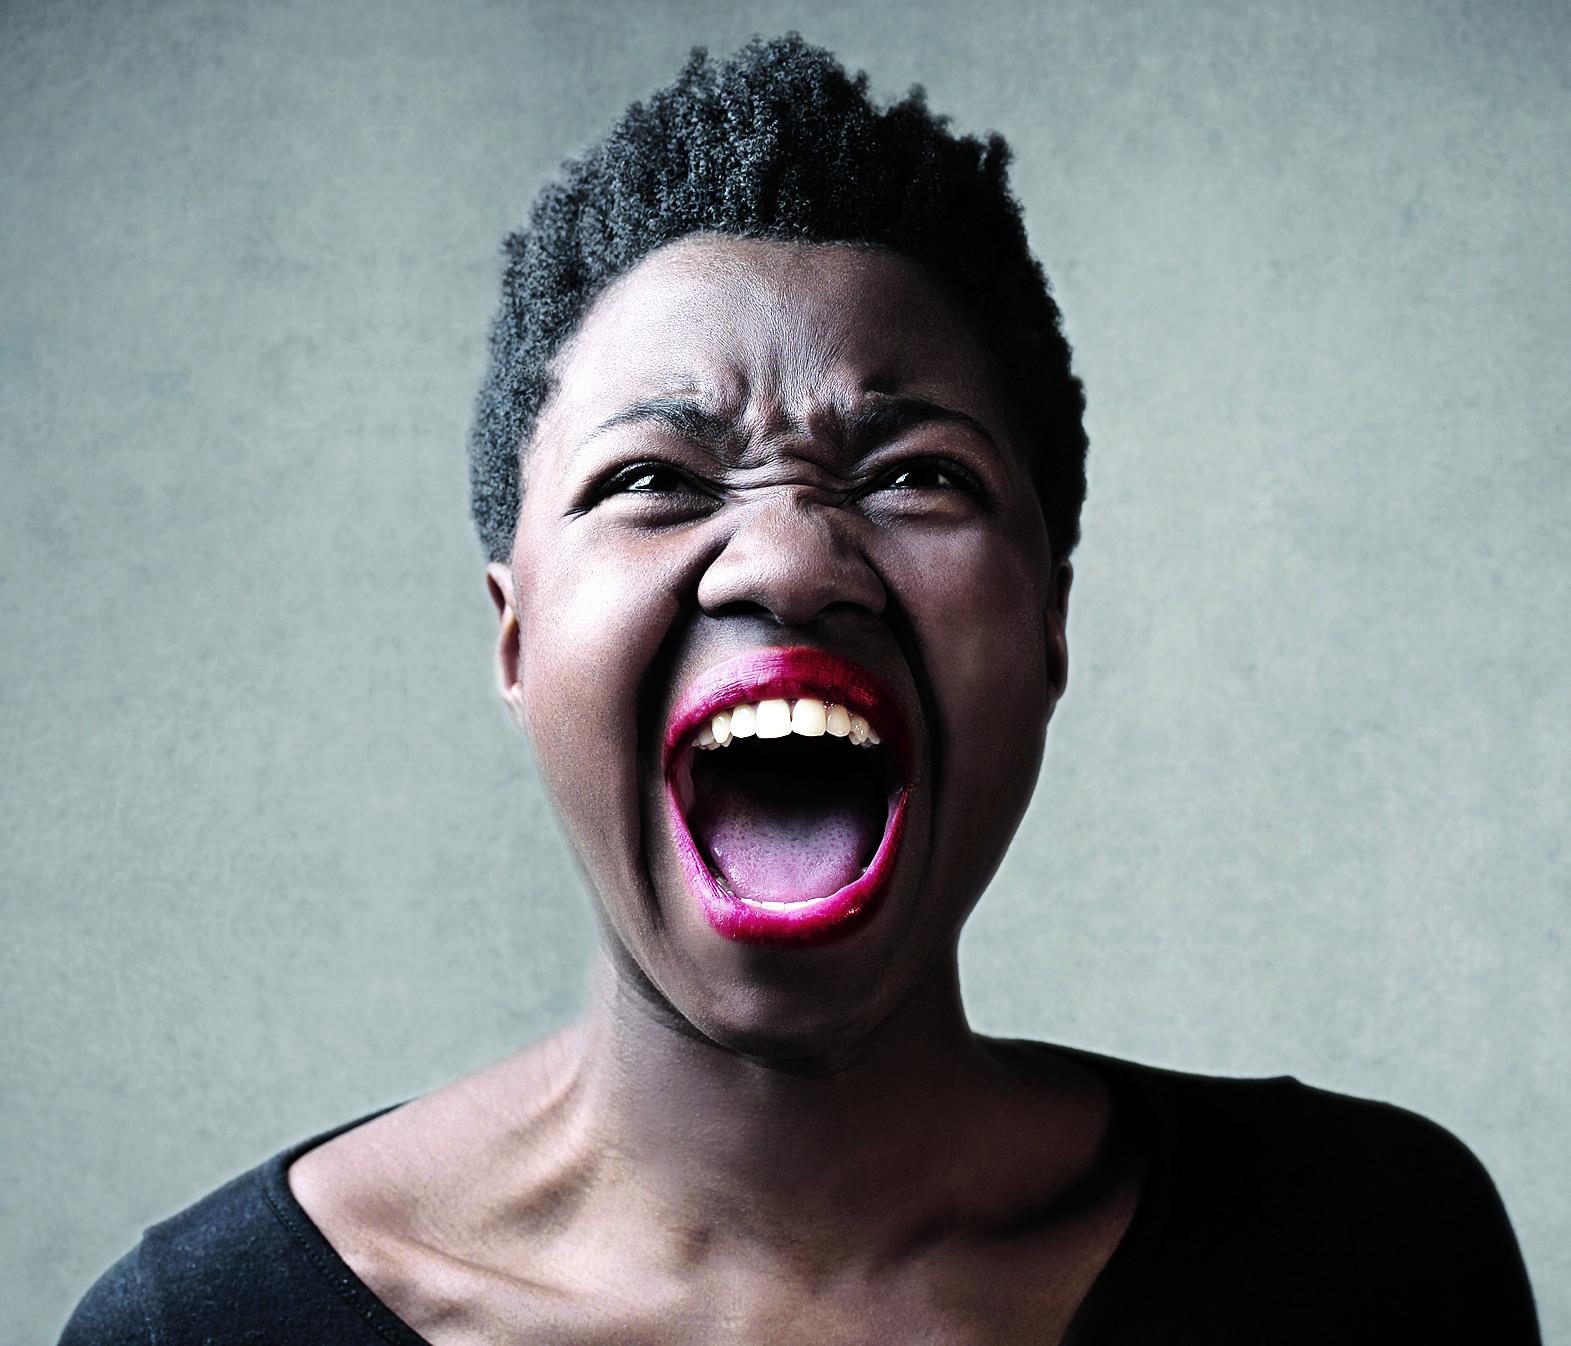 Description de 5 points clés à savoir sur l'intelligence émotionnelle